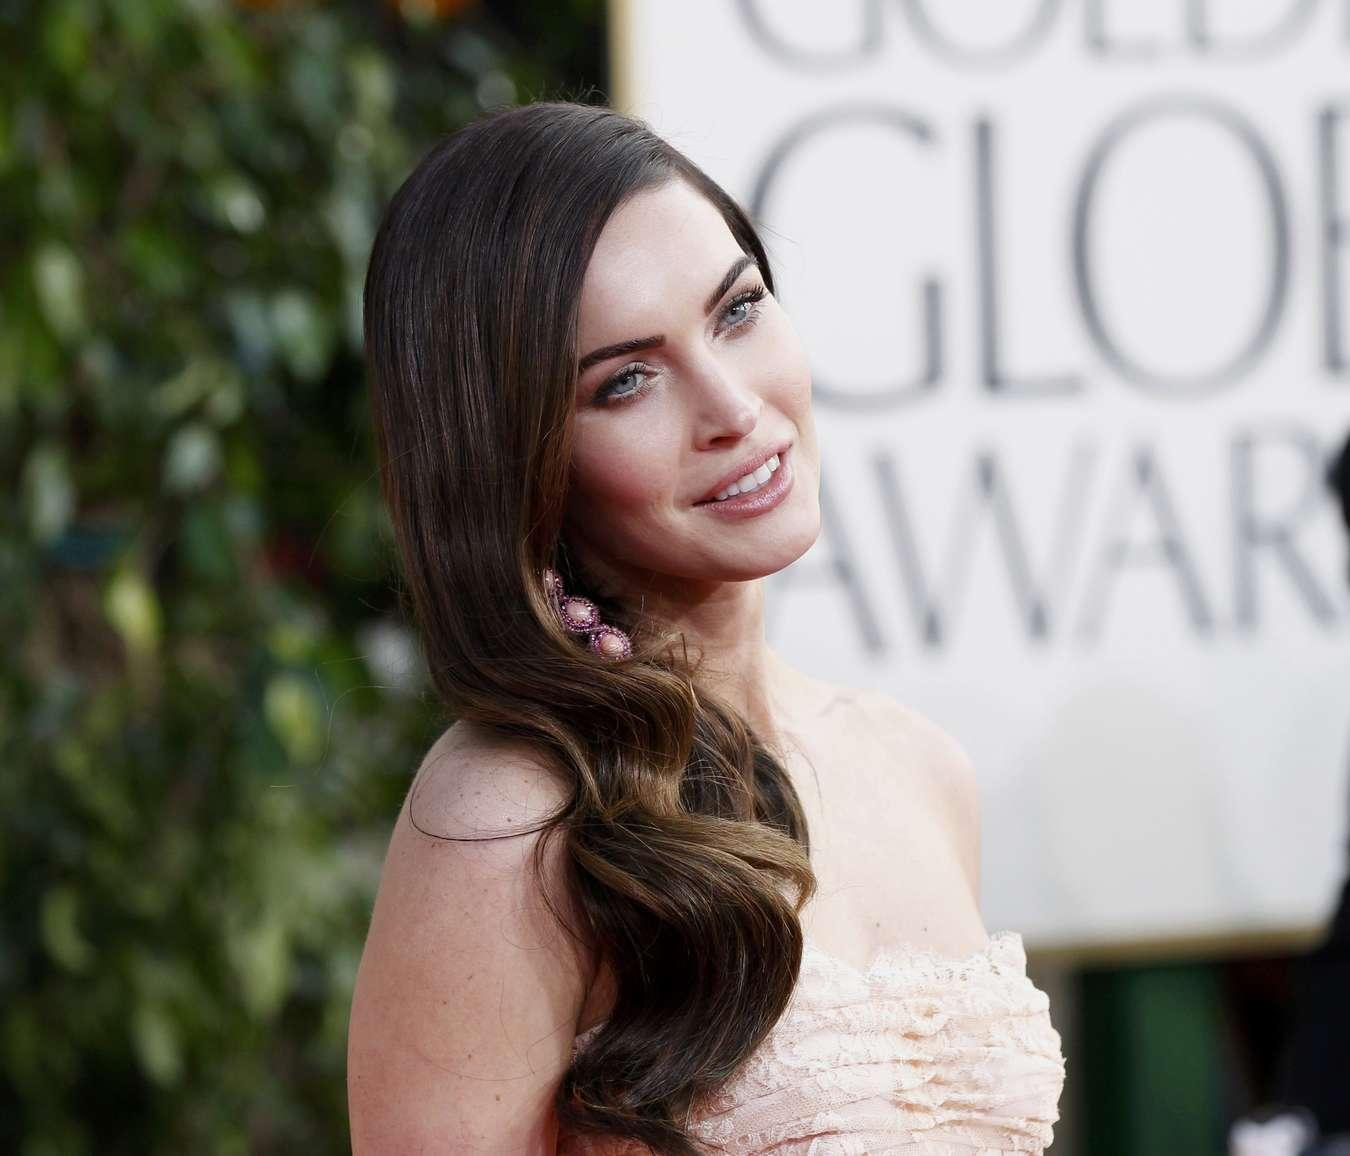 Megan Fox face Golden Globes 2013